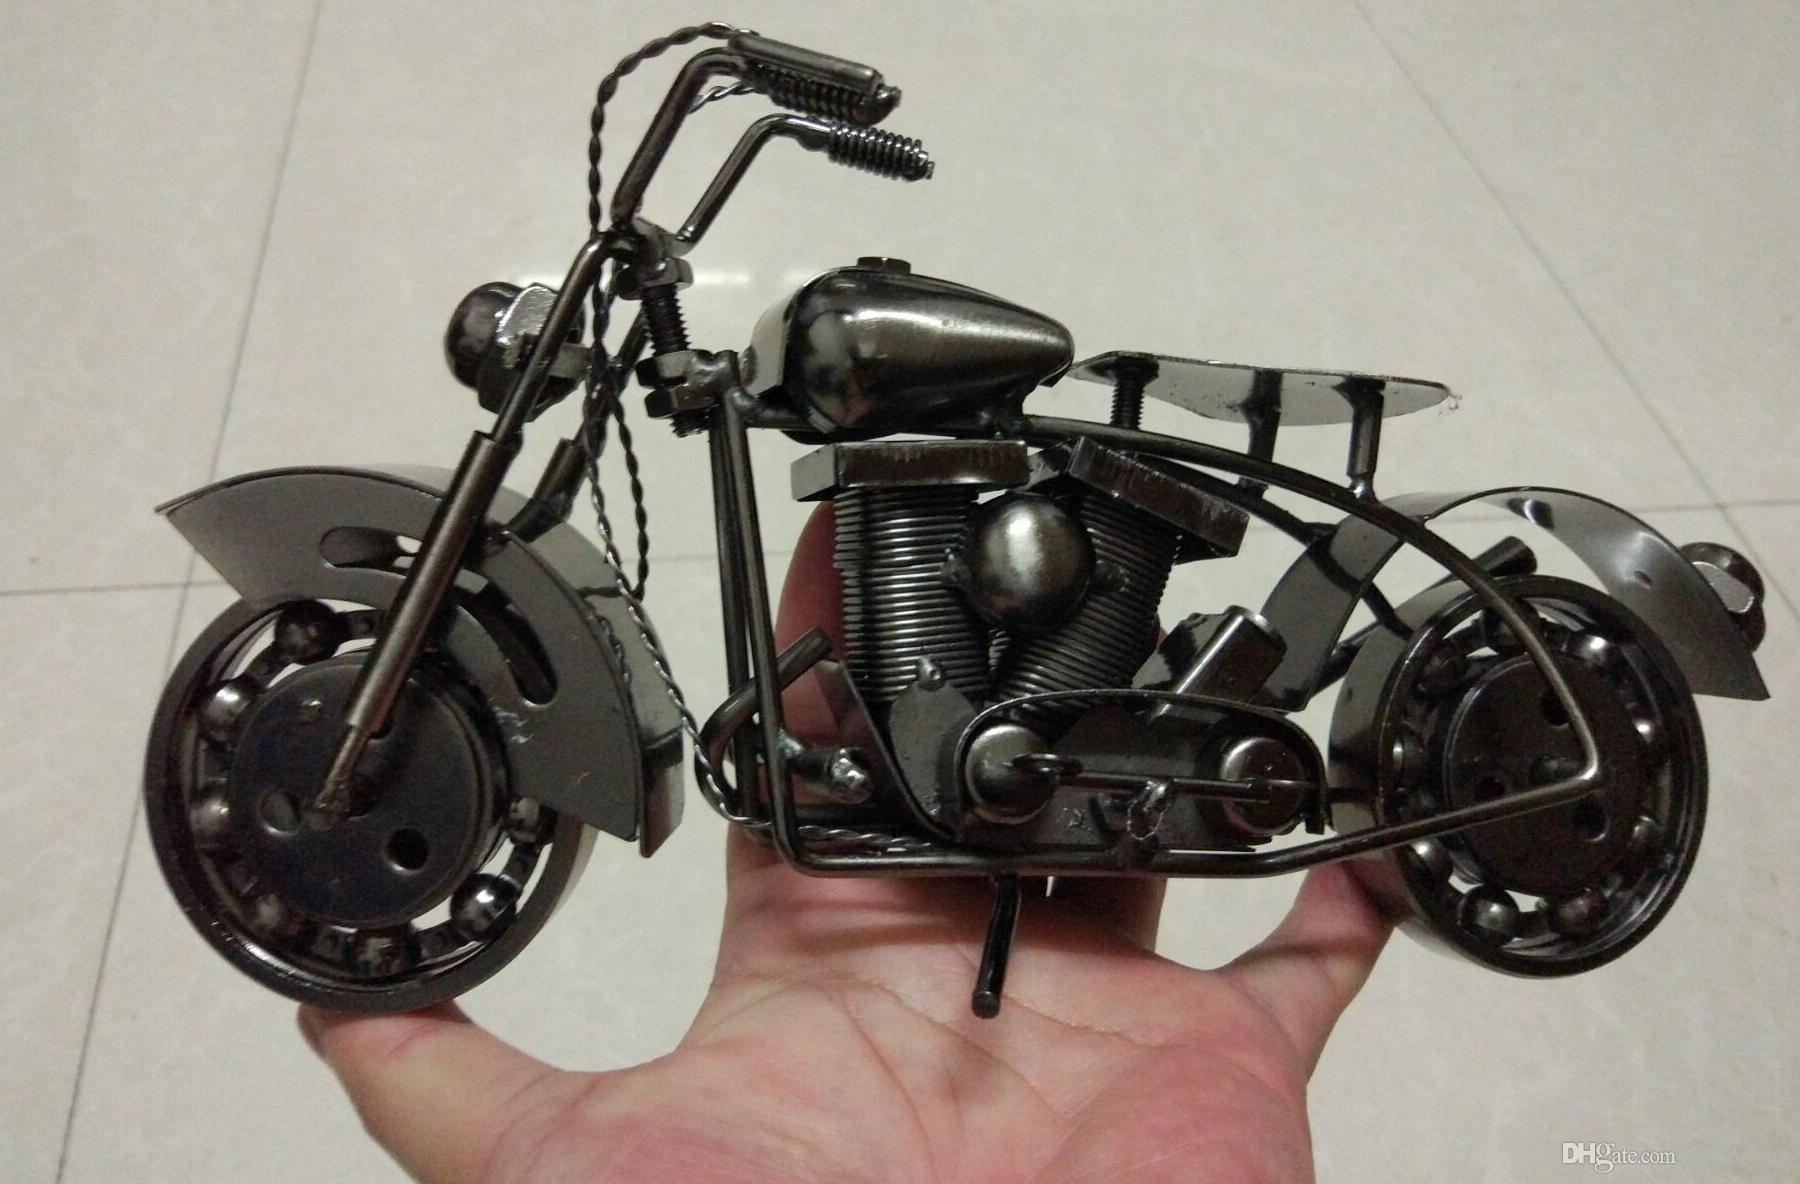 GRAND À LA MAIN en métal modèle motos de Fer Moto Modèles En Métal Artisanat pour Homme Cadeau D'affaires Cadeaux Décoration de La Maison voiture